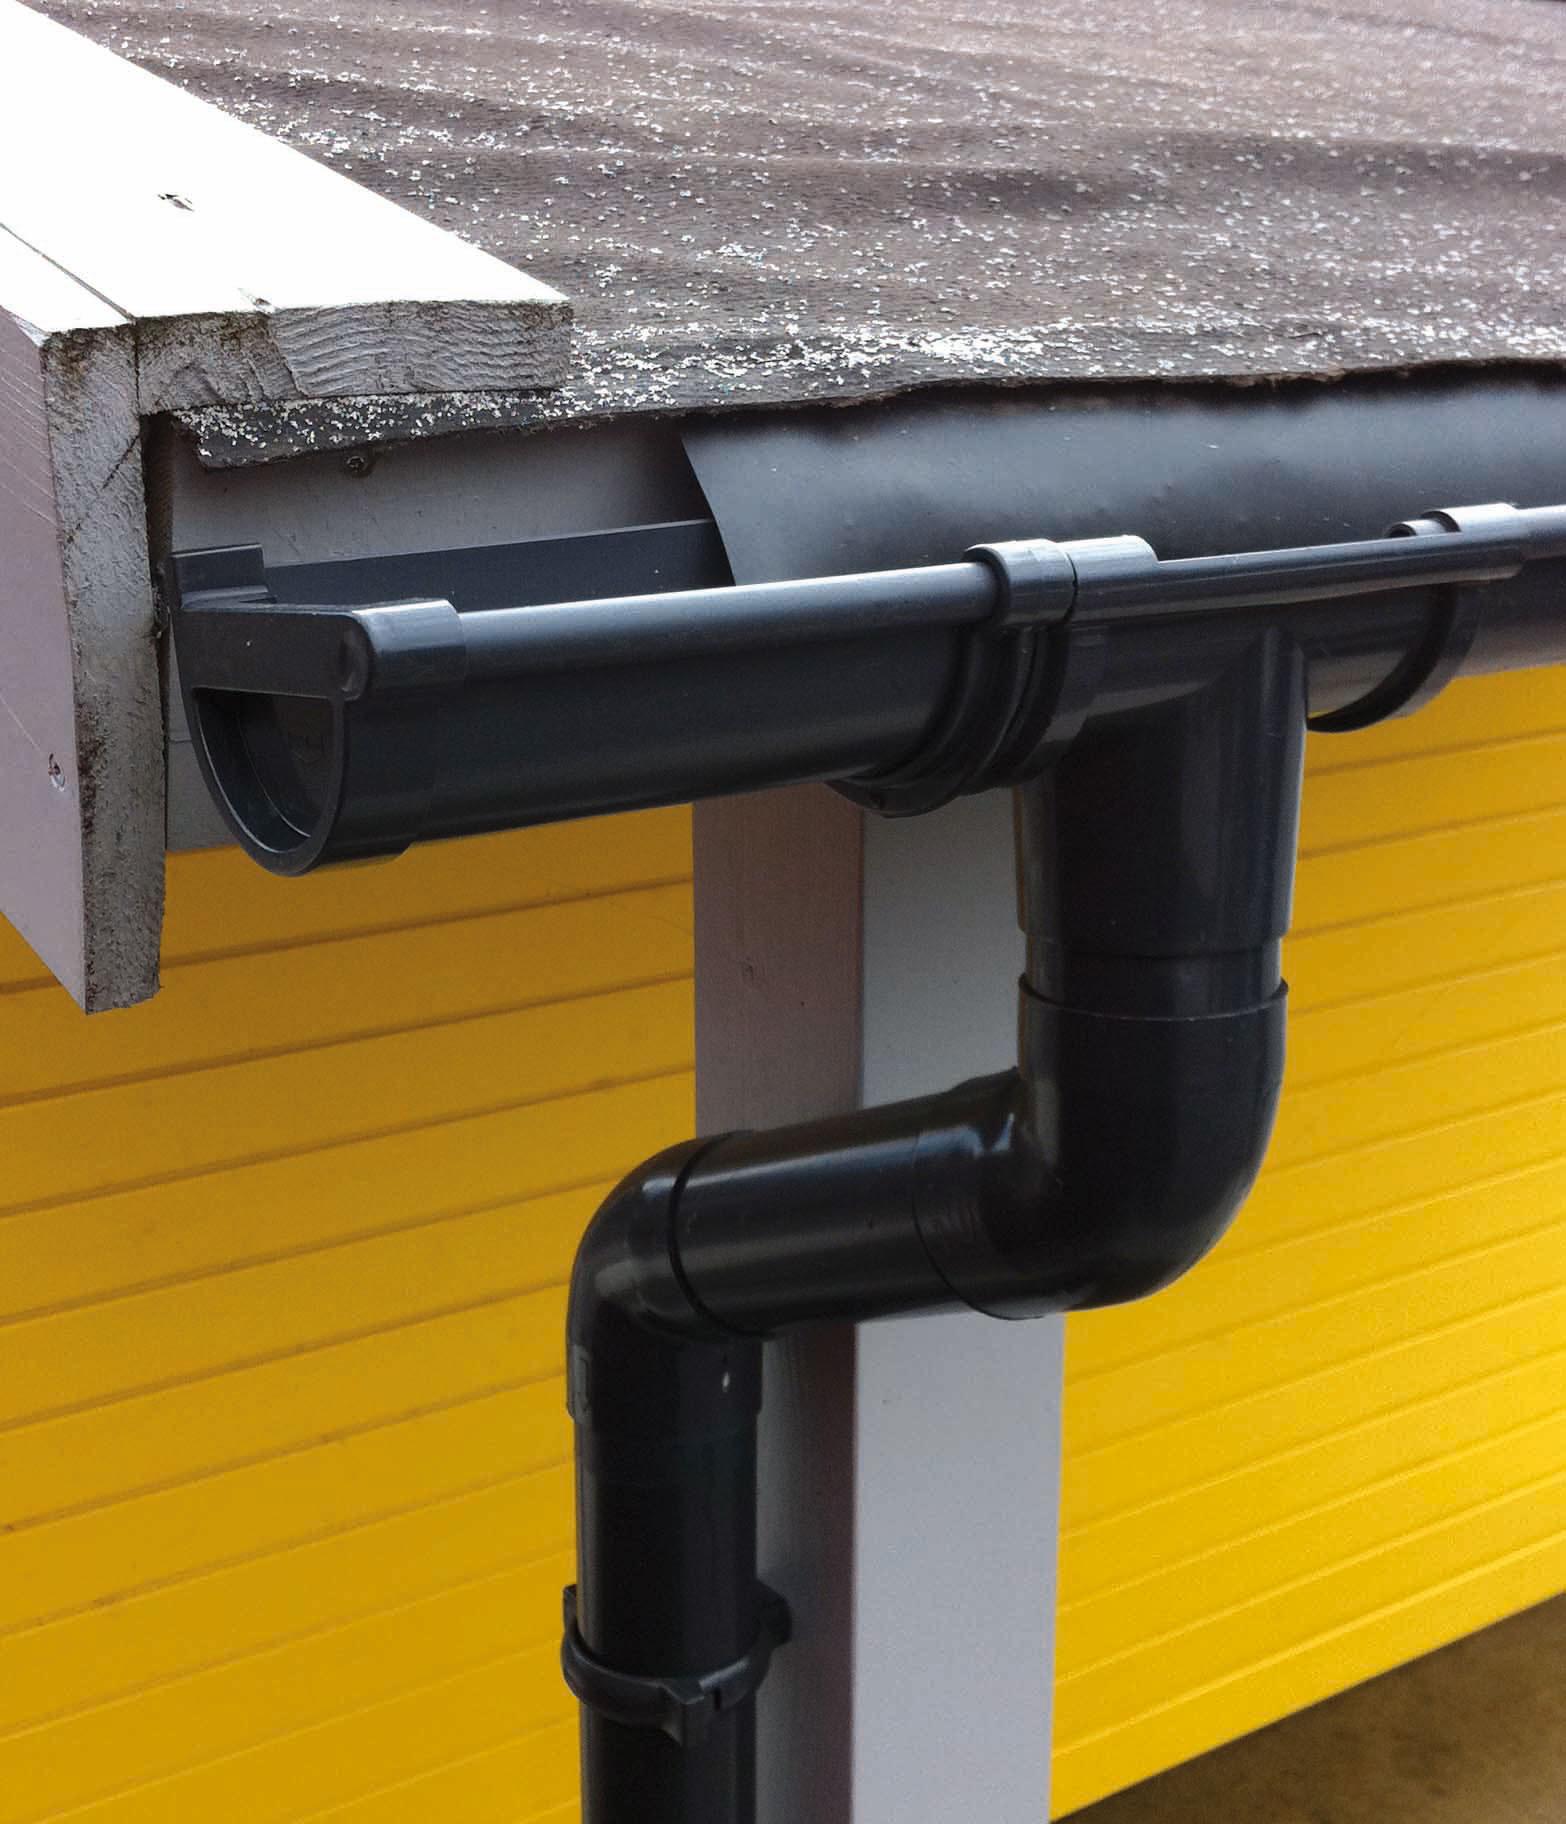 Dachrinne Set RG100 341Ax Spitzdach bis 3,5m Metall Halter rund anthr. Bild 1